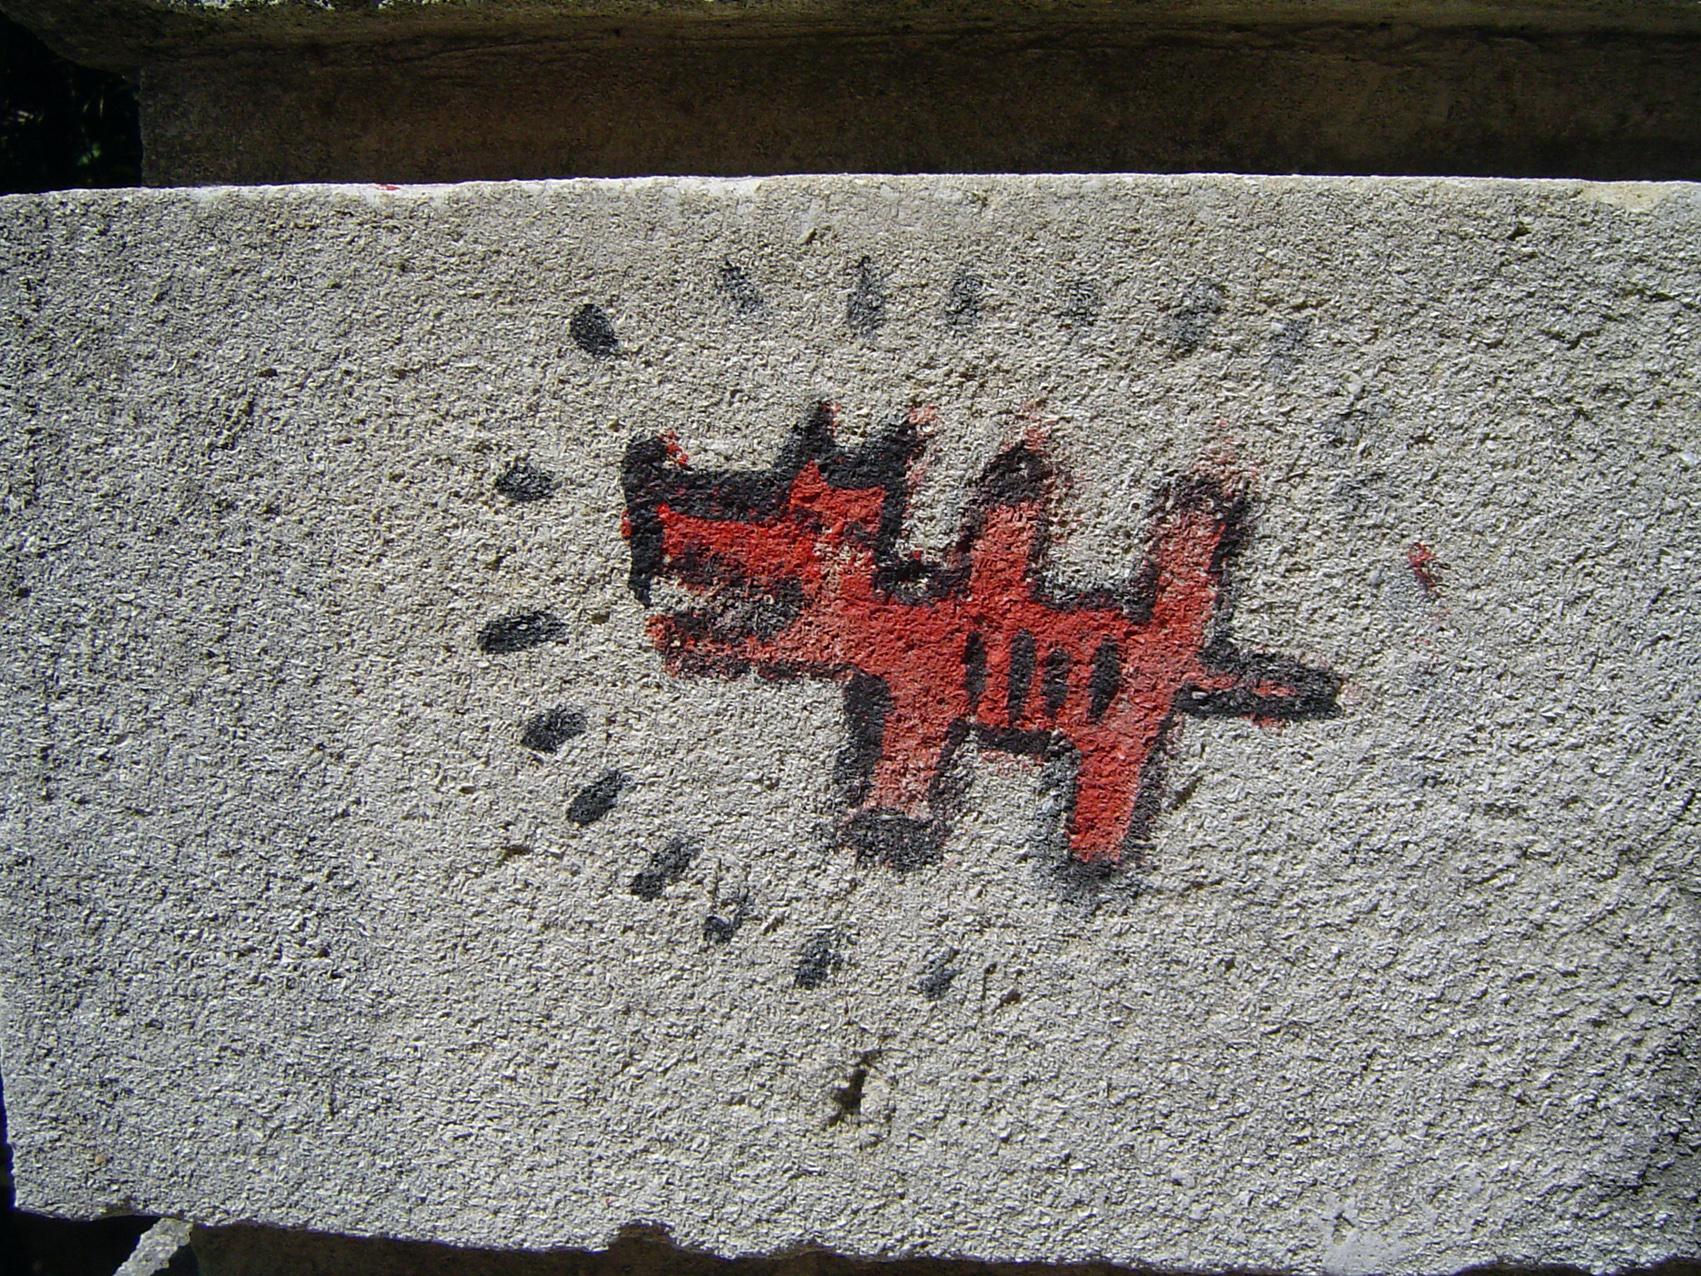 23.06.2009 L'hàbit de deixat la nostra impromta no ha mimvat, modernament la pintura ha substituït les incisions a la pedra. No deixa de ser una altra manera de dir coses, ni que en aquest cas, sigui merament